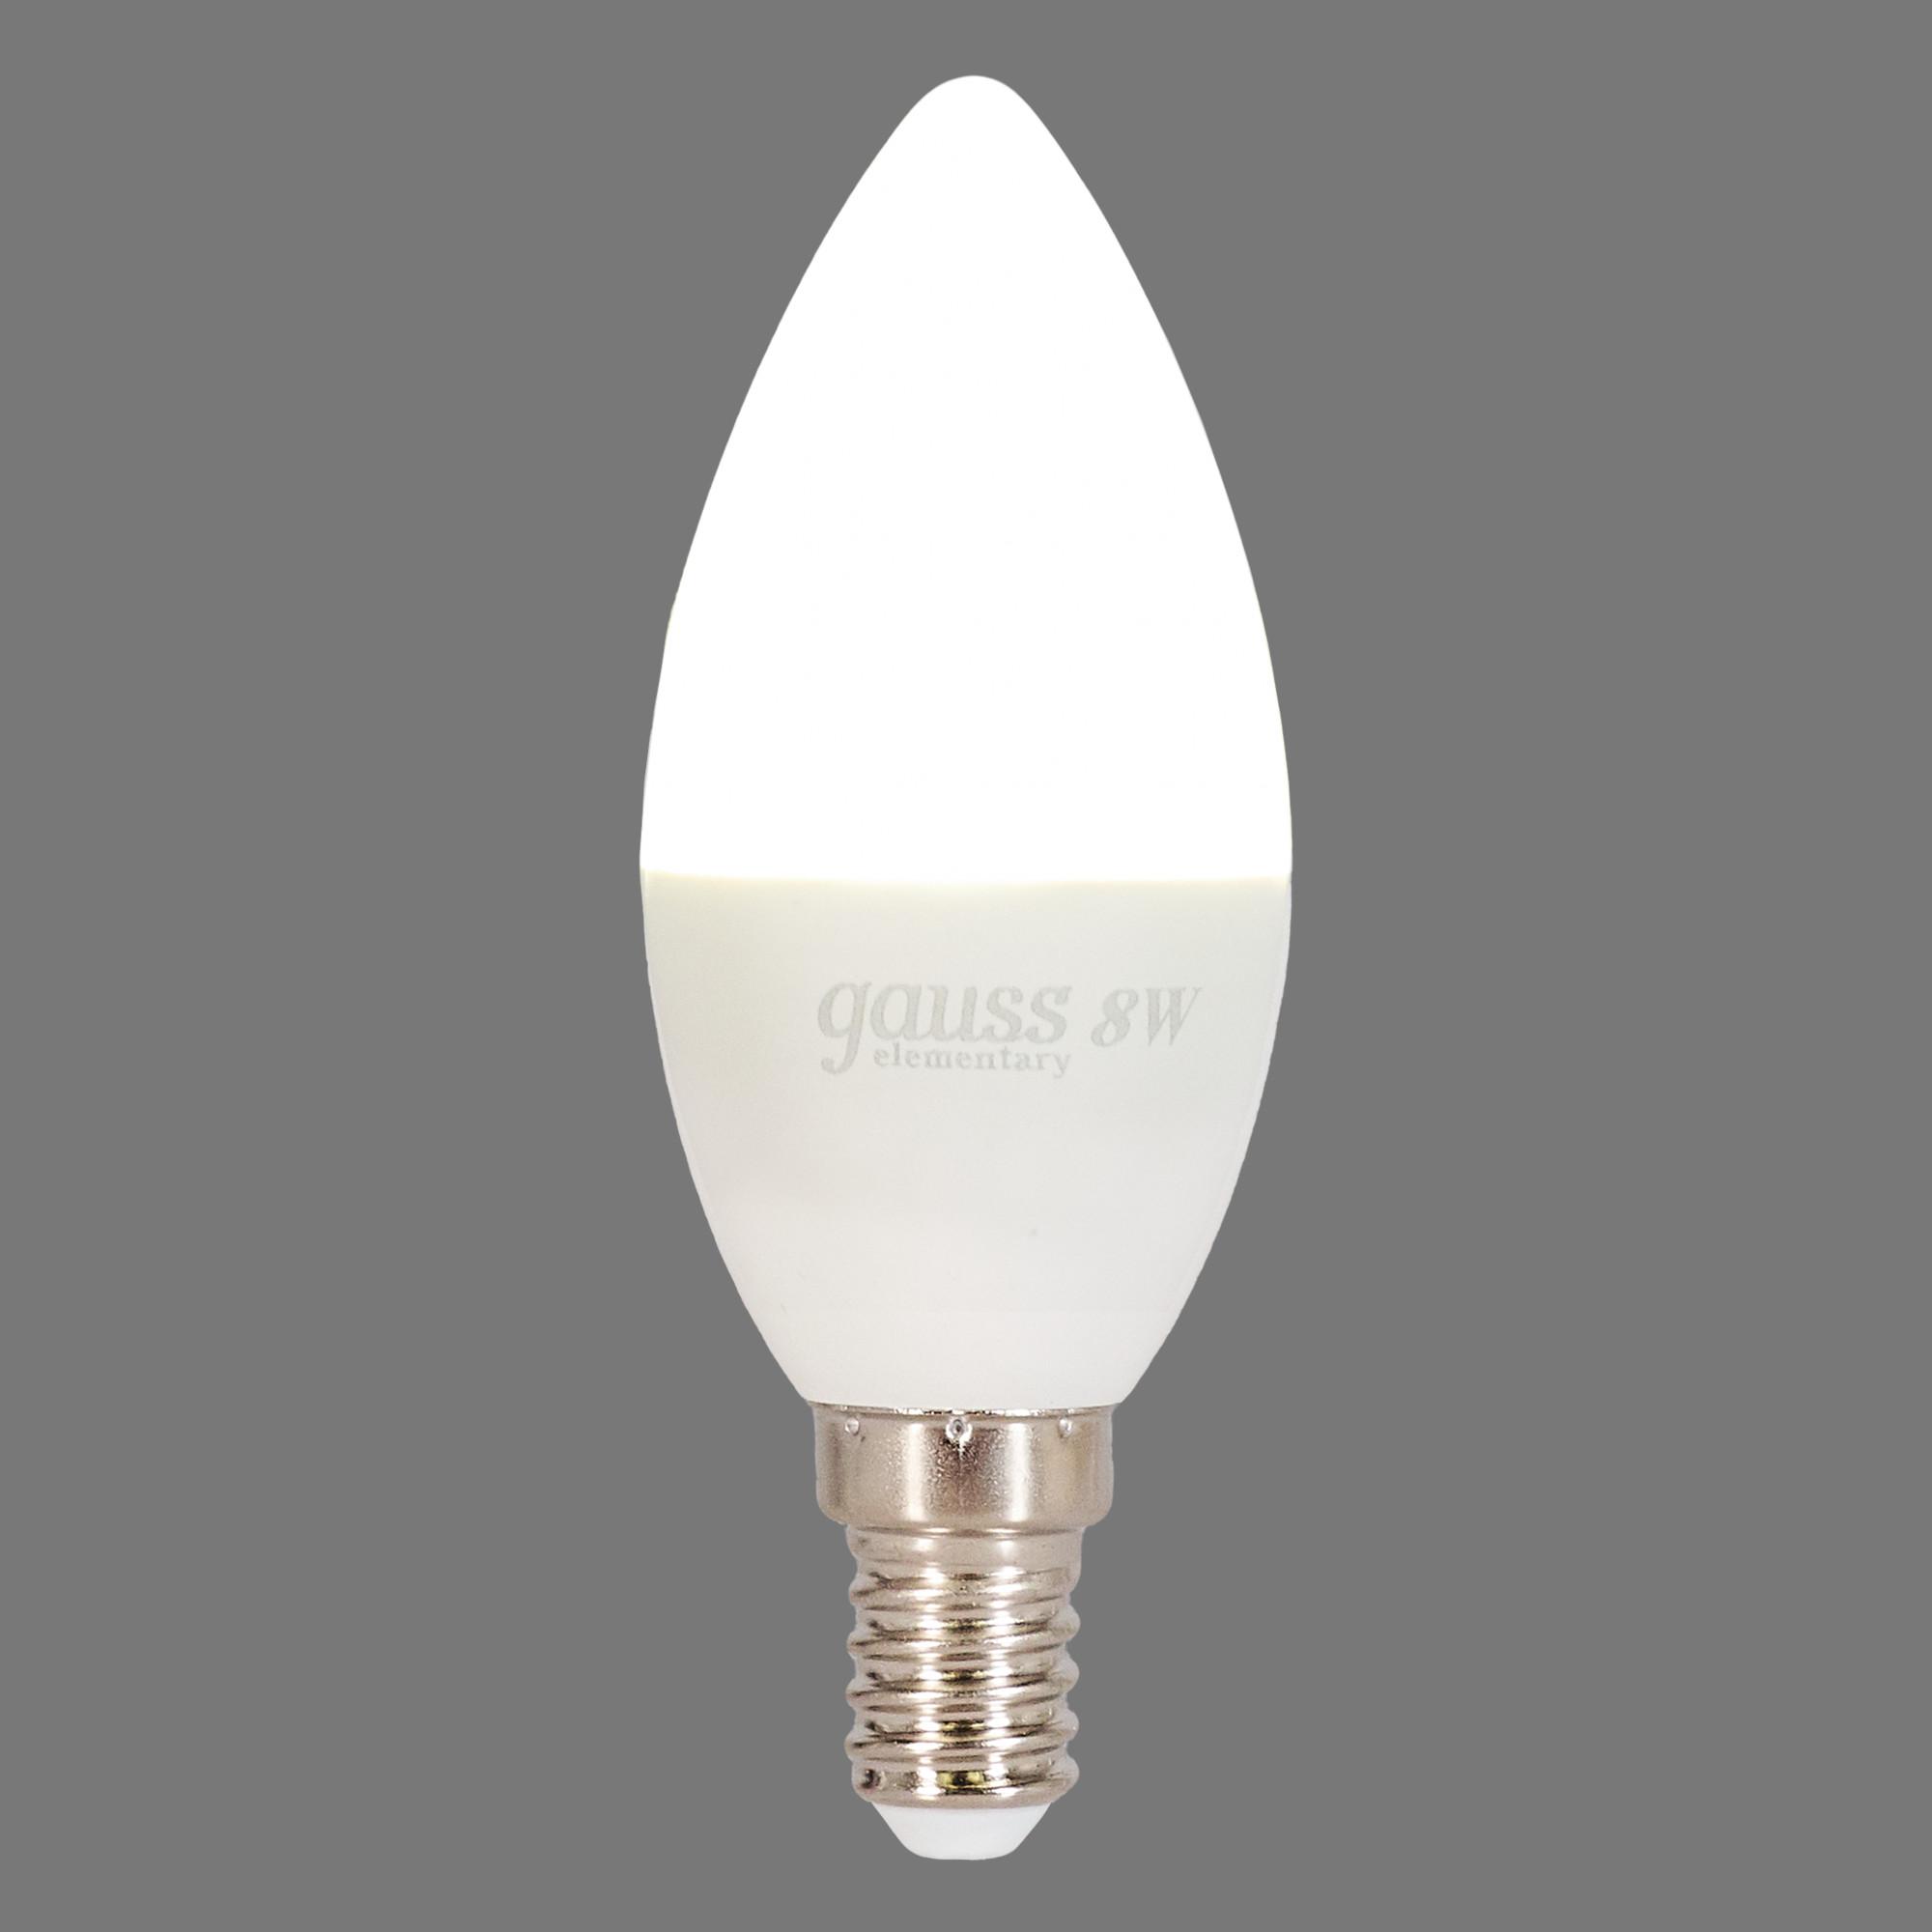 Лампа светодиодная Elementary E14 220 В 8 Вт свеча матовая 540 лм белый свет